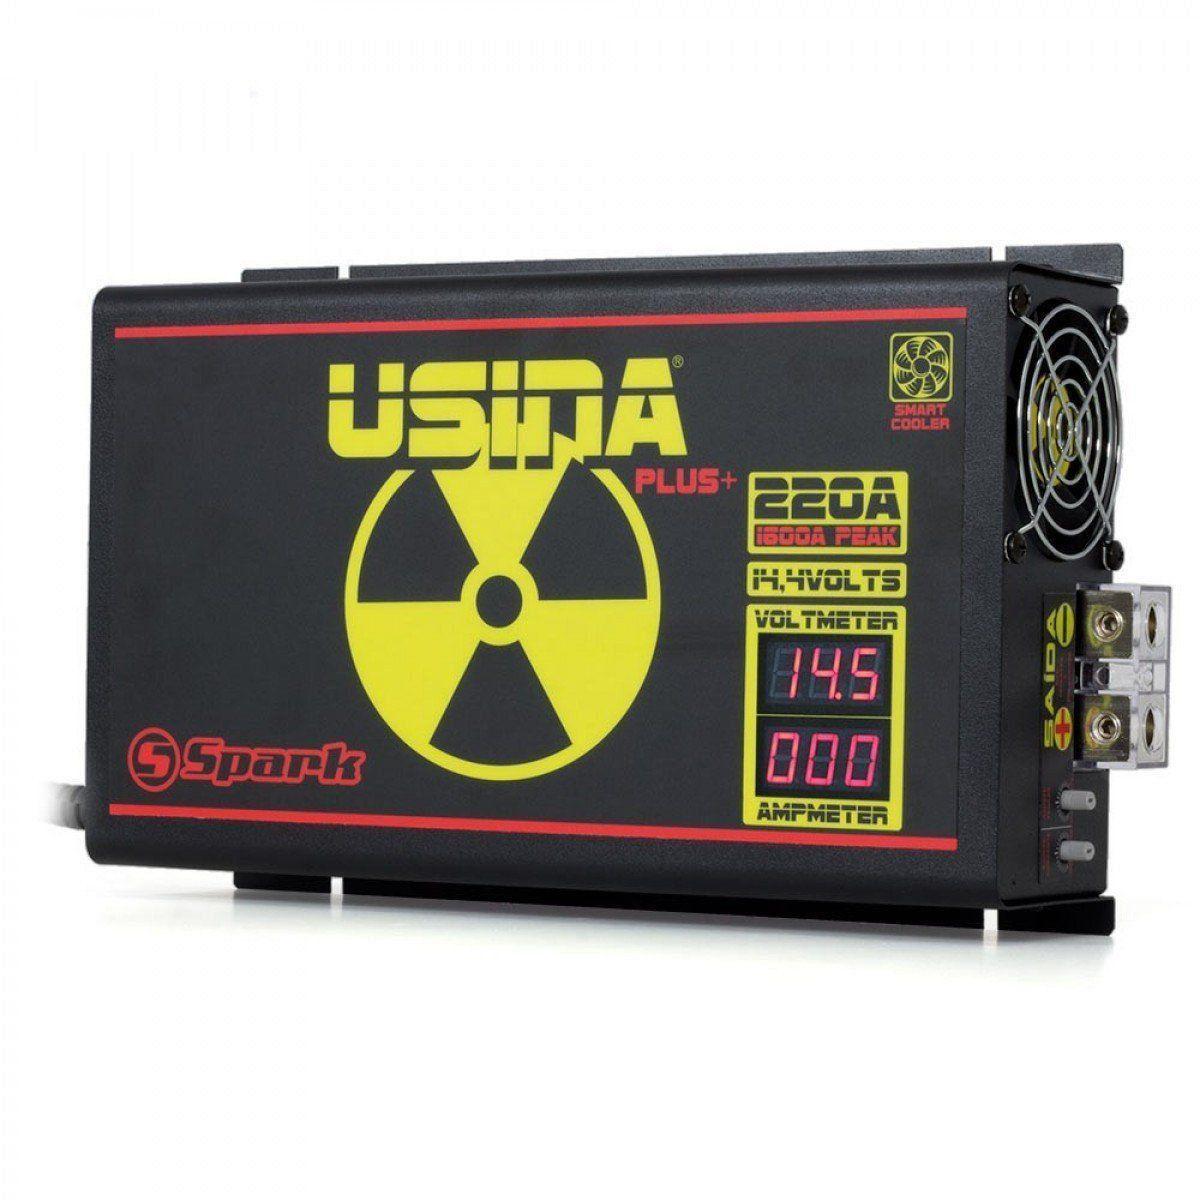 Fonte Usina Modelo Novo 220 A Plus com Voltimetro e Amperimetro